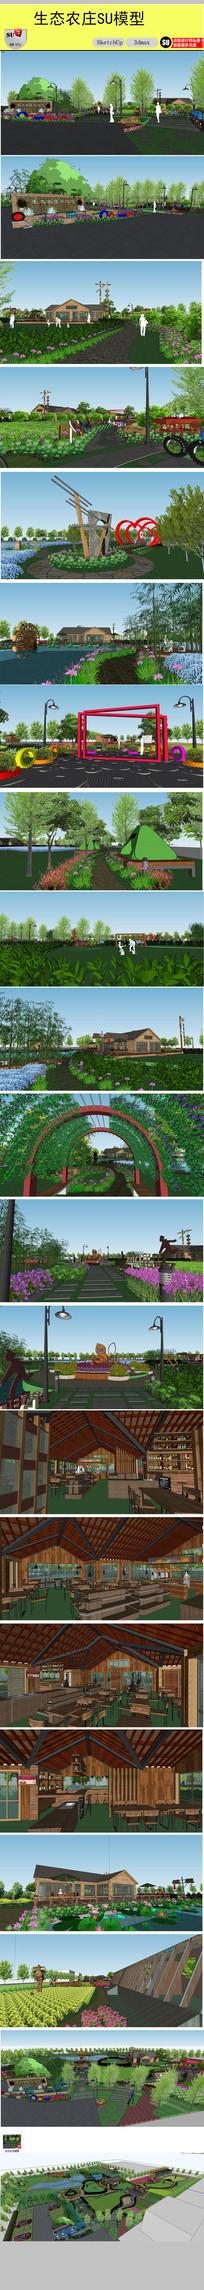 农业生态观光园SU模型 skp